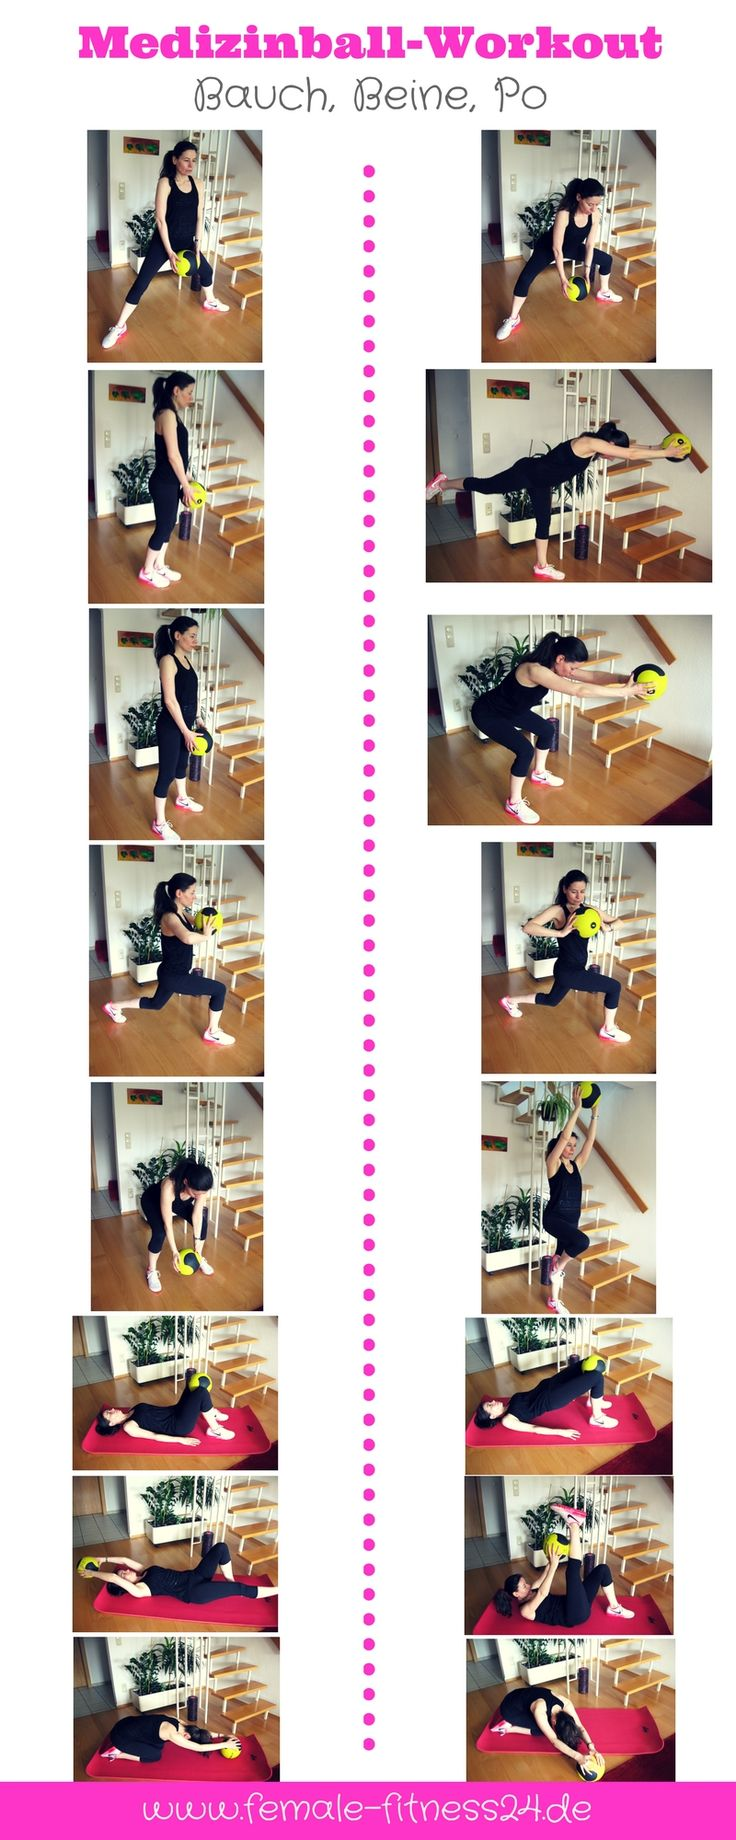 Workout | Übungen für Frauen mit einem Medizinball bzw. Pilates-Ball - ideal für das Training zu Hause aber auch im Fitness-Studio - für Bauch, Beine, Po